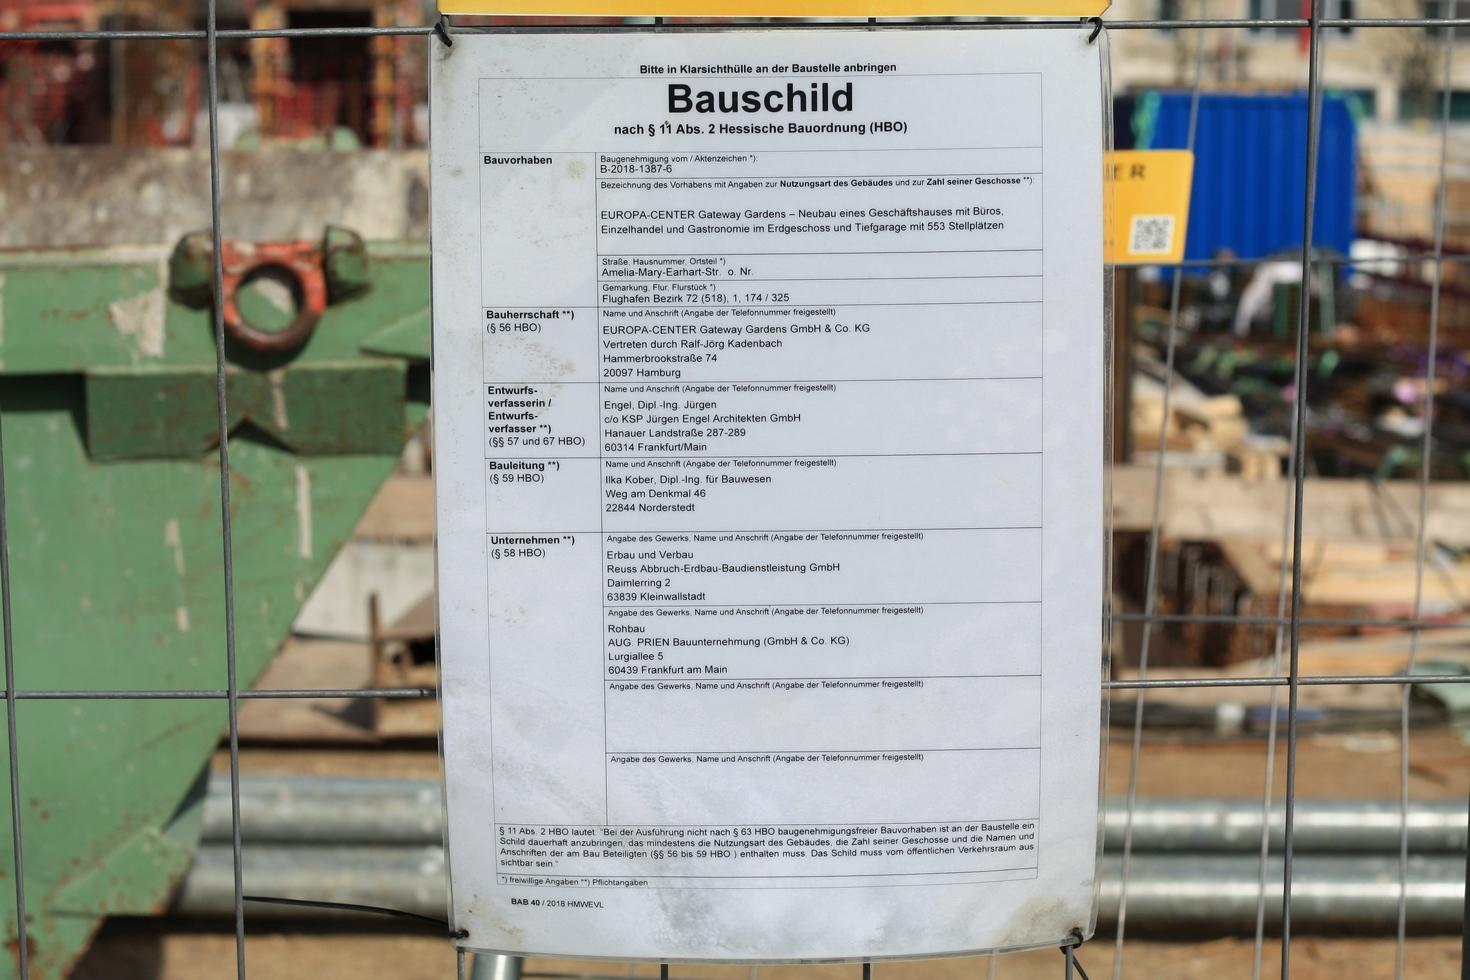 Bild: https://www.deutsches-architektur-forum.de/pics/schmittchen/4356_gateway-gardens.jpg